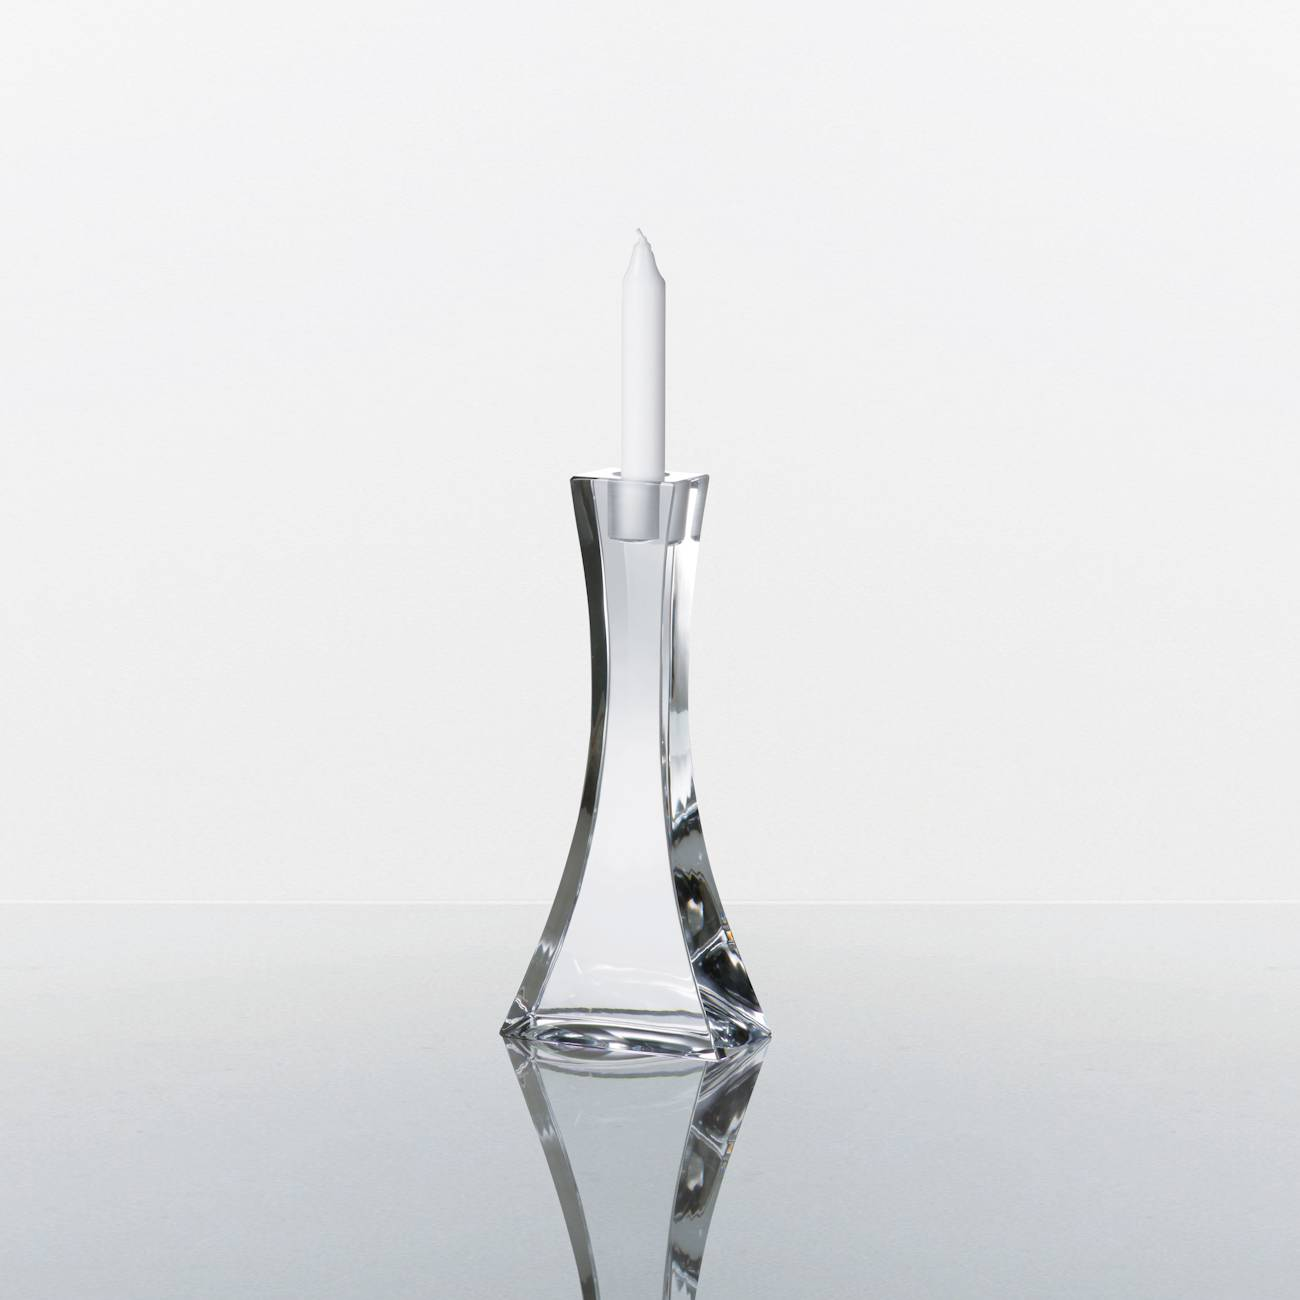 Castiçal Okinawa Transparente em Cristal - Bohemia Crystalite - 25,5x10 cm